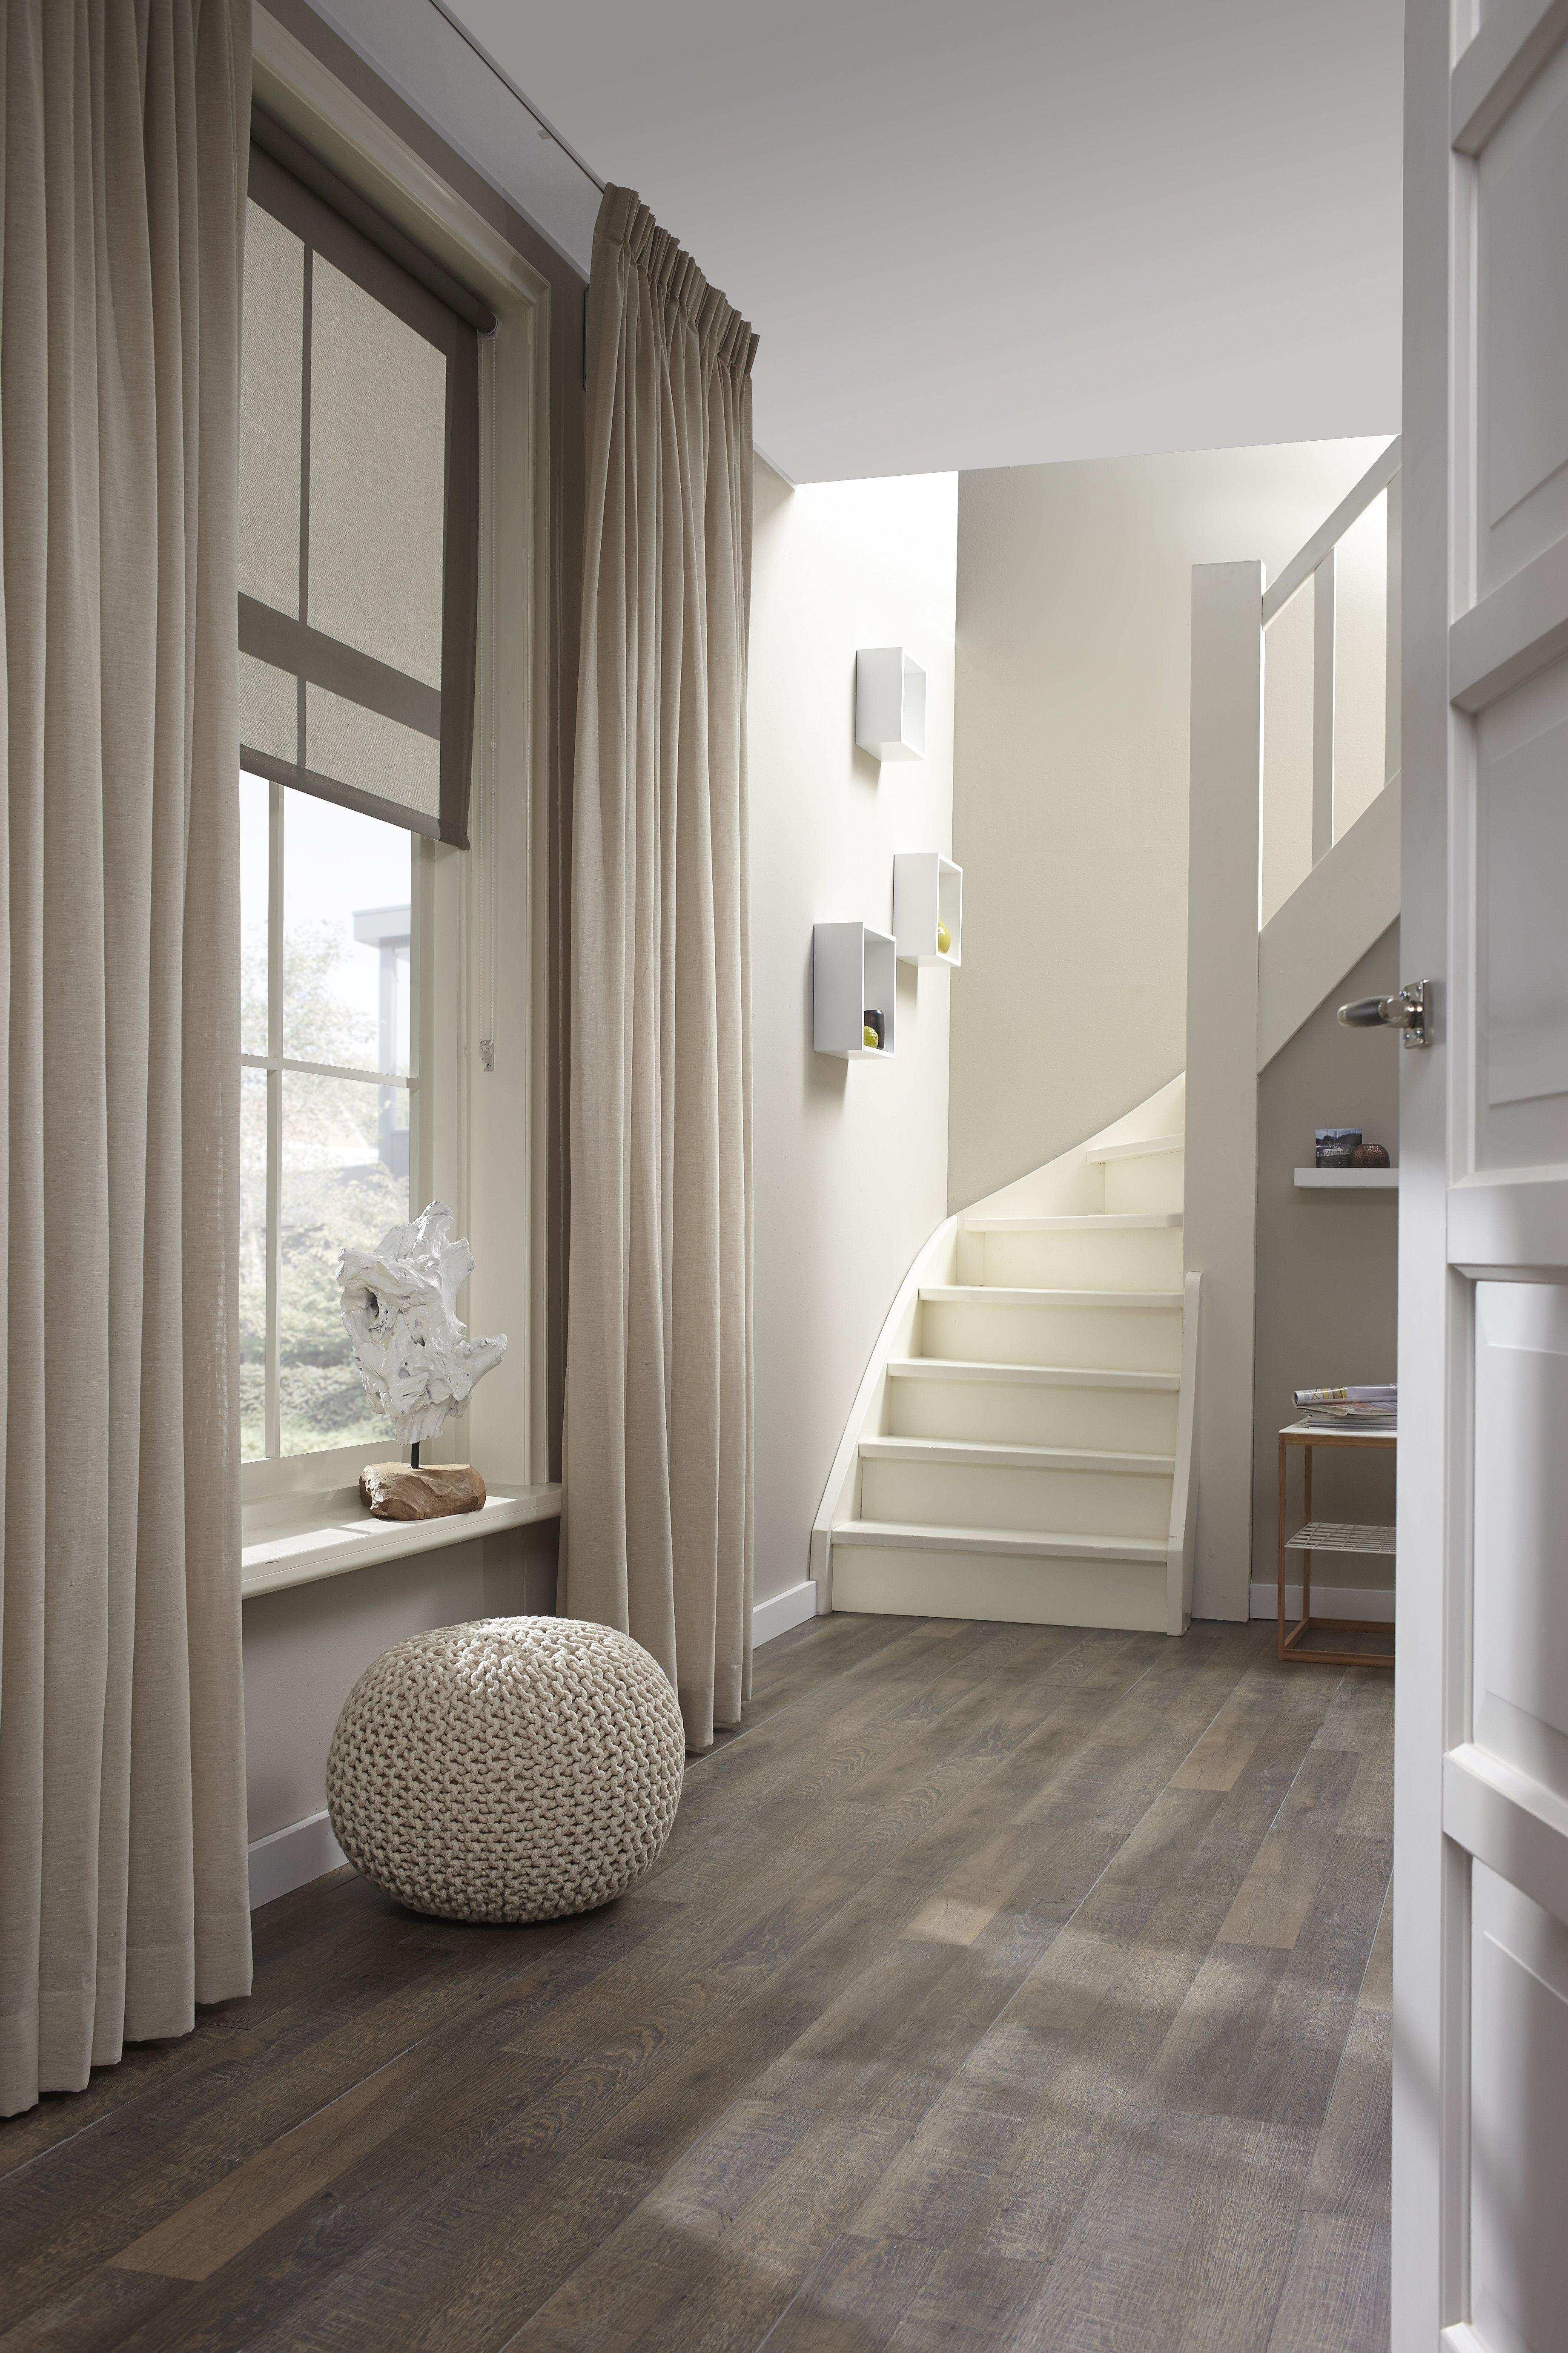 praxis gordijnen passen mooi in ruimtes met een hoog plafond